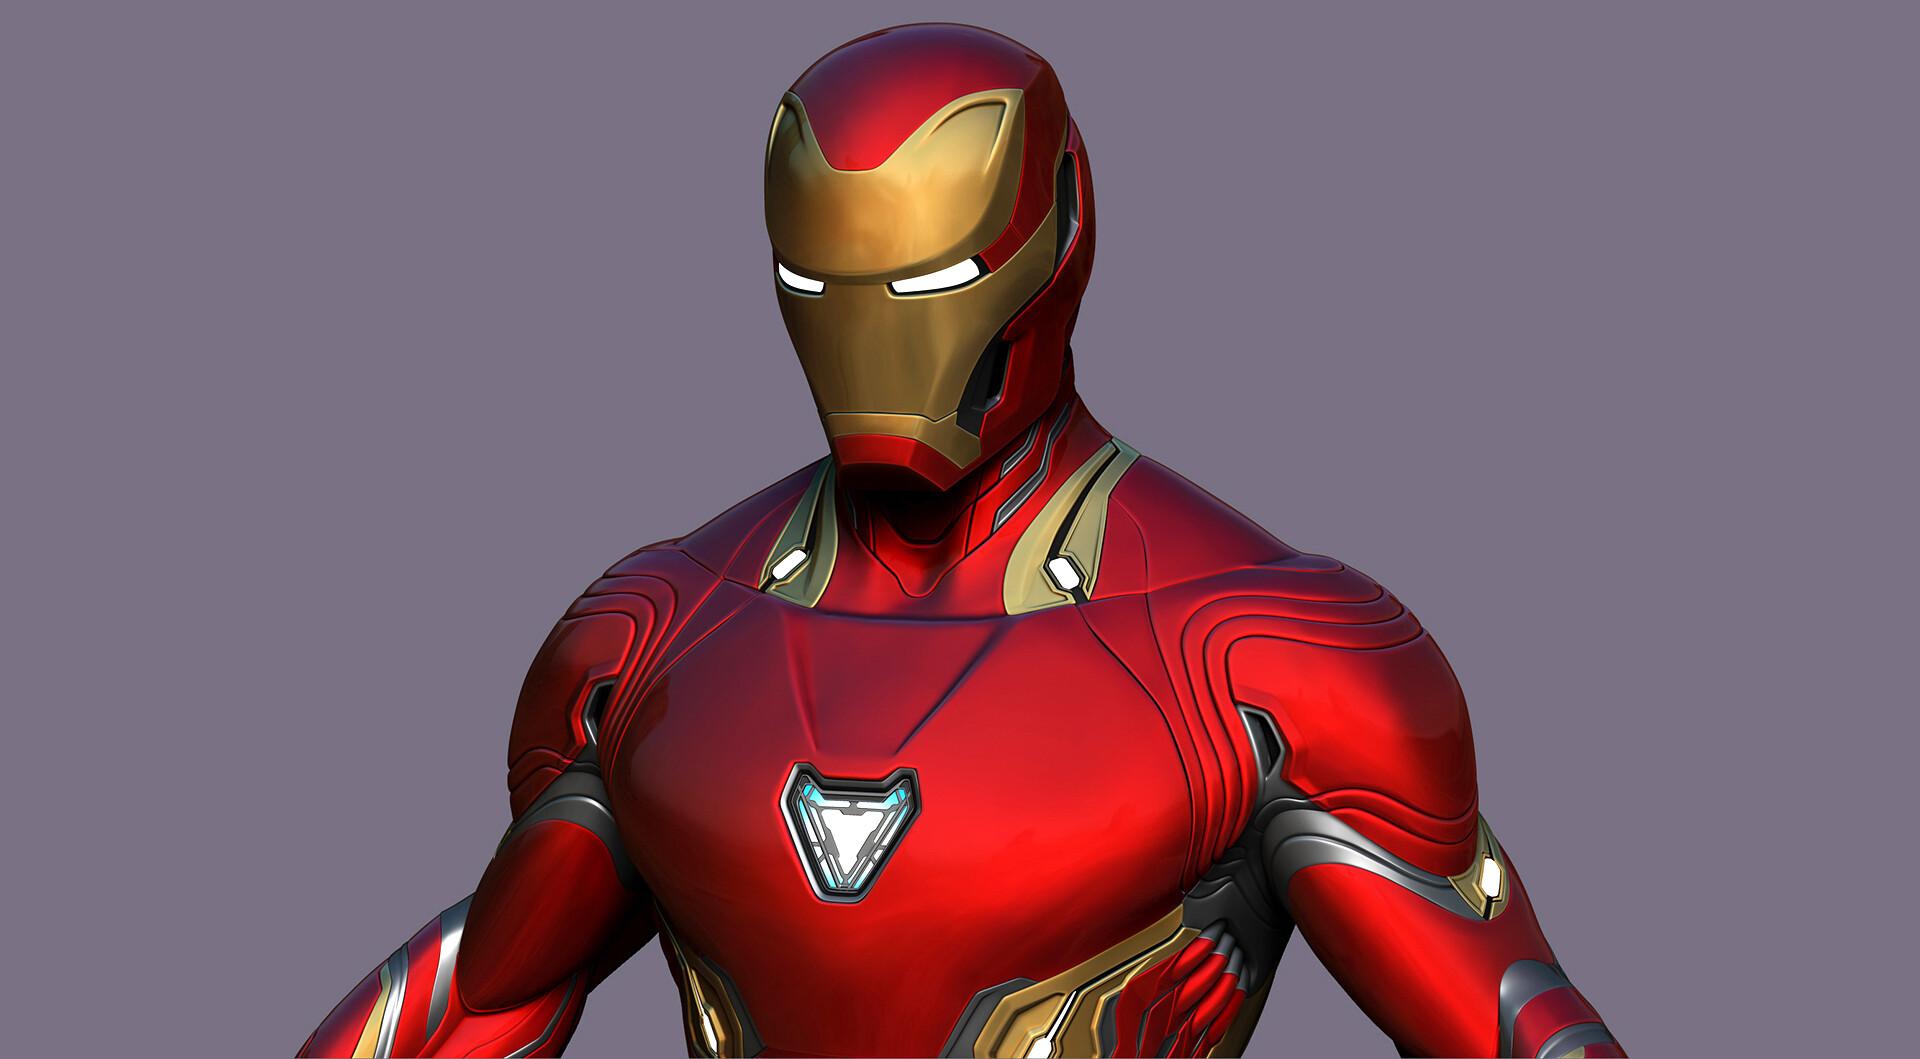 Velimir kondic iron man 2